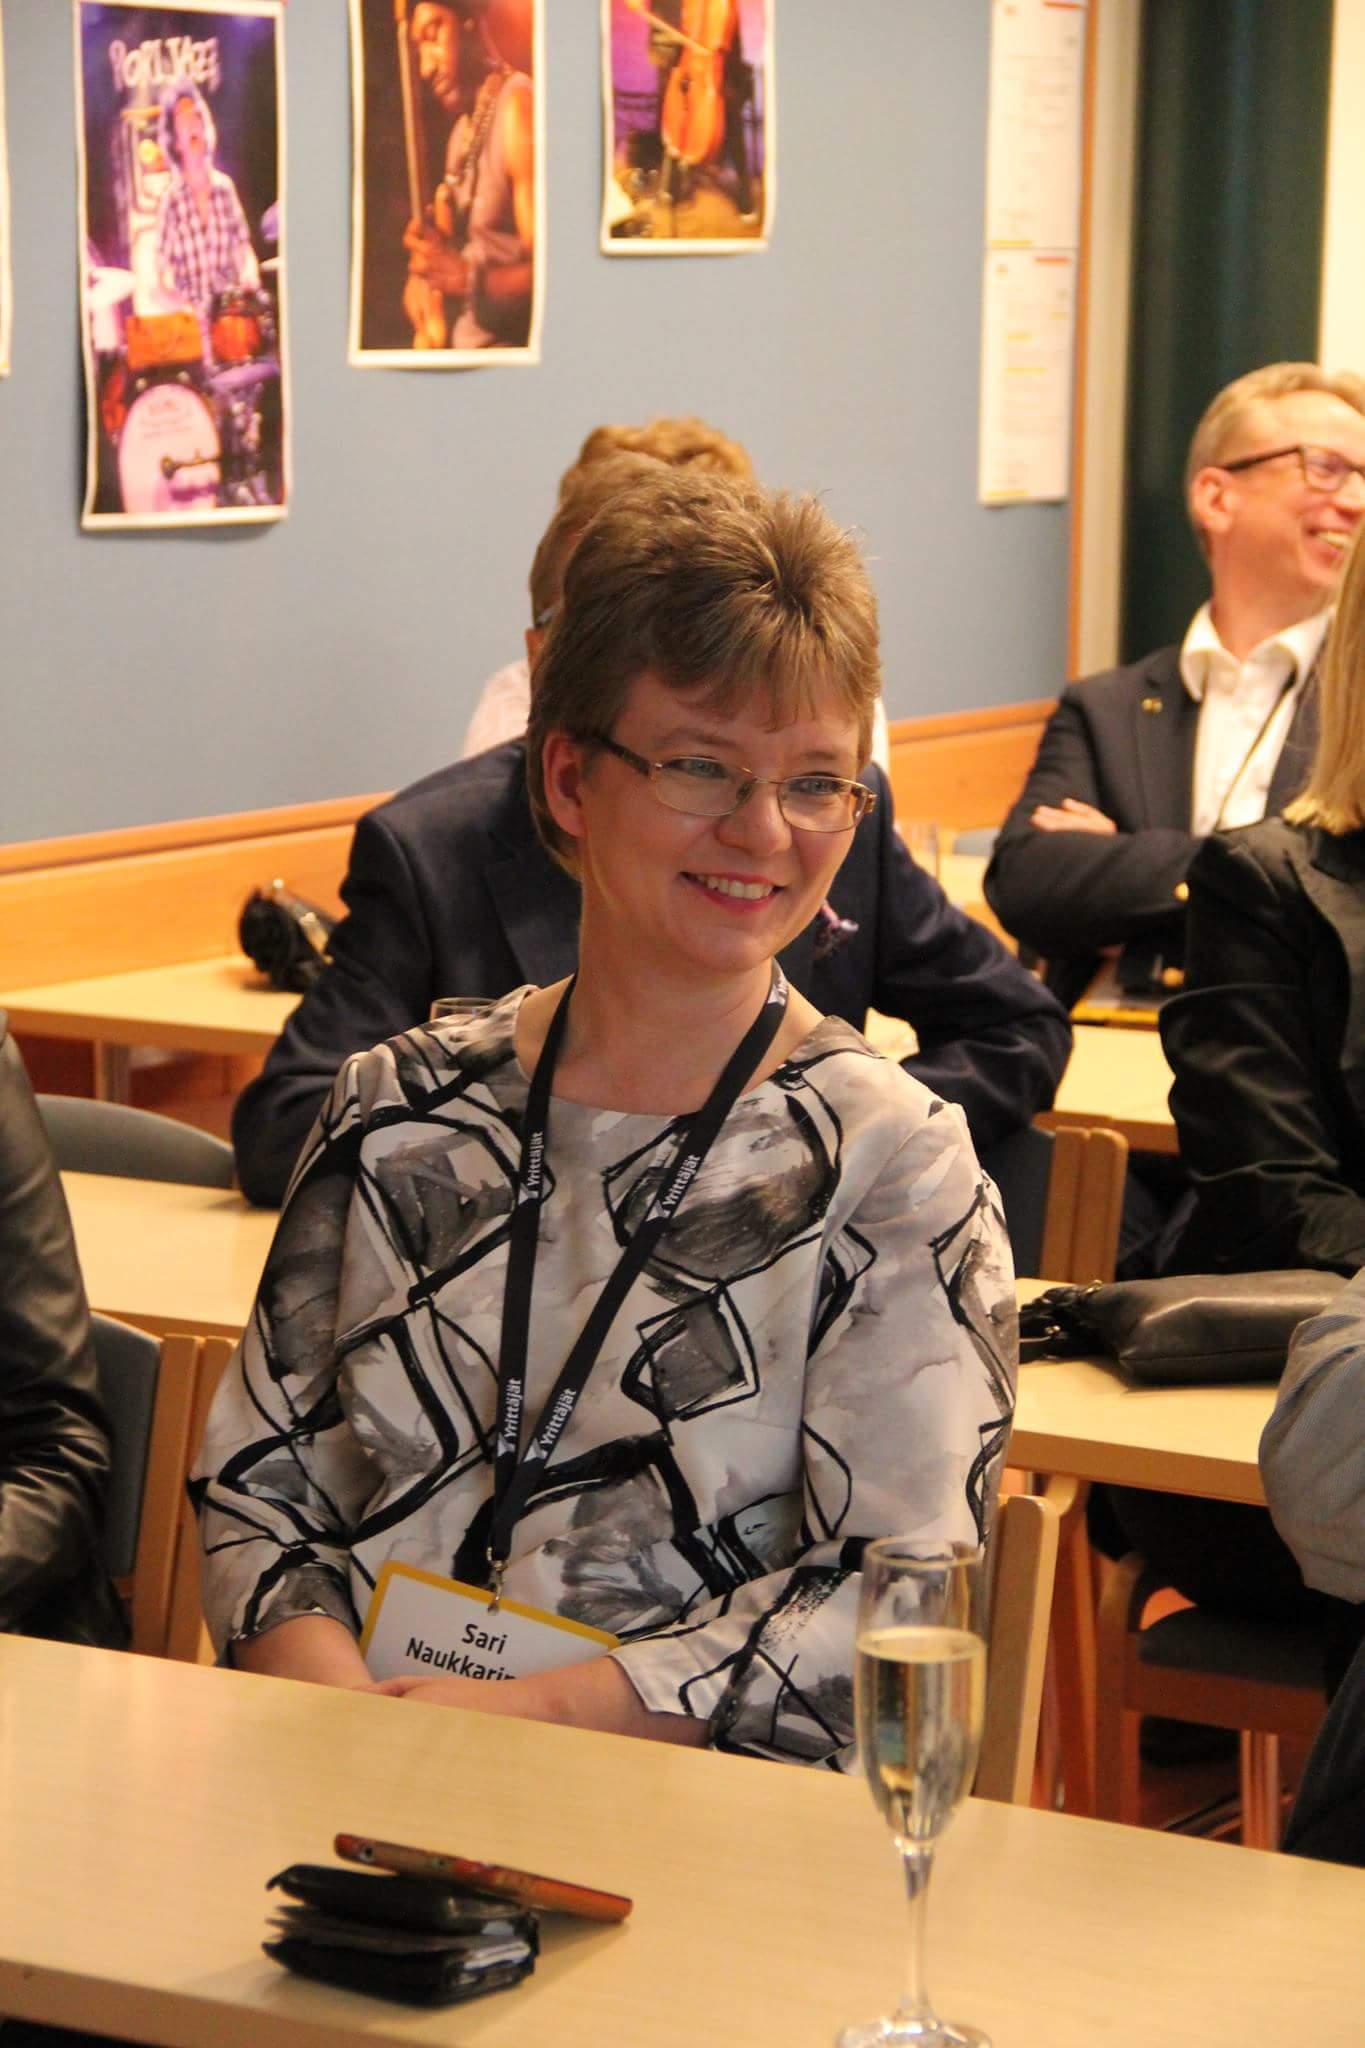 Sari Naukkarinen, kuvaaja Saara Liukkonen / Tmi SaaraLiu